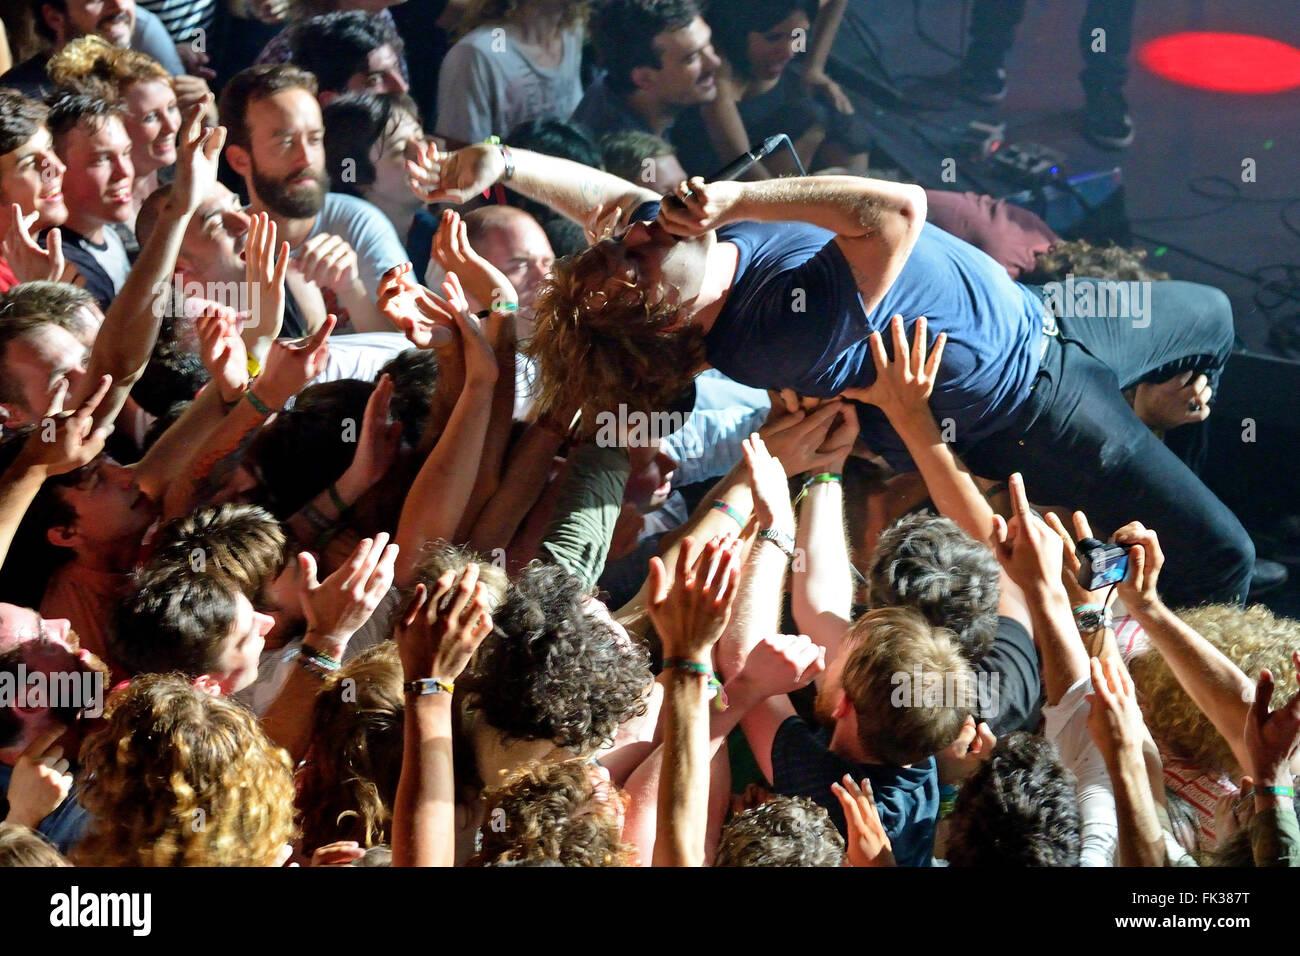 Barcellona - 30 maggio: il chitarrista di Ty Segall (BAND) esegue sopra gli spettatori (folla surf o mosh pit). Immagini Stock